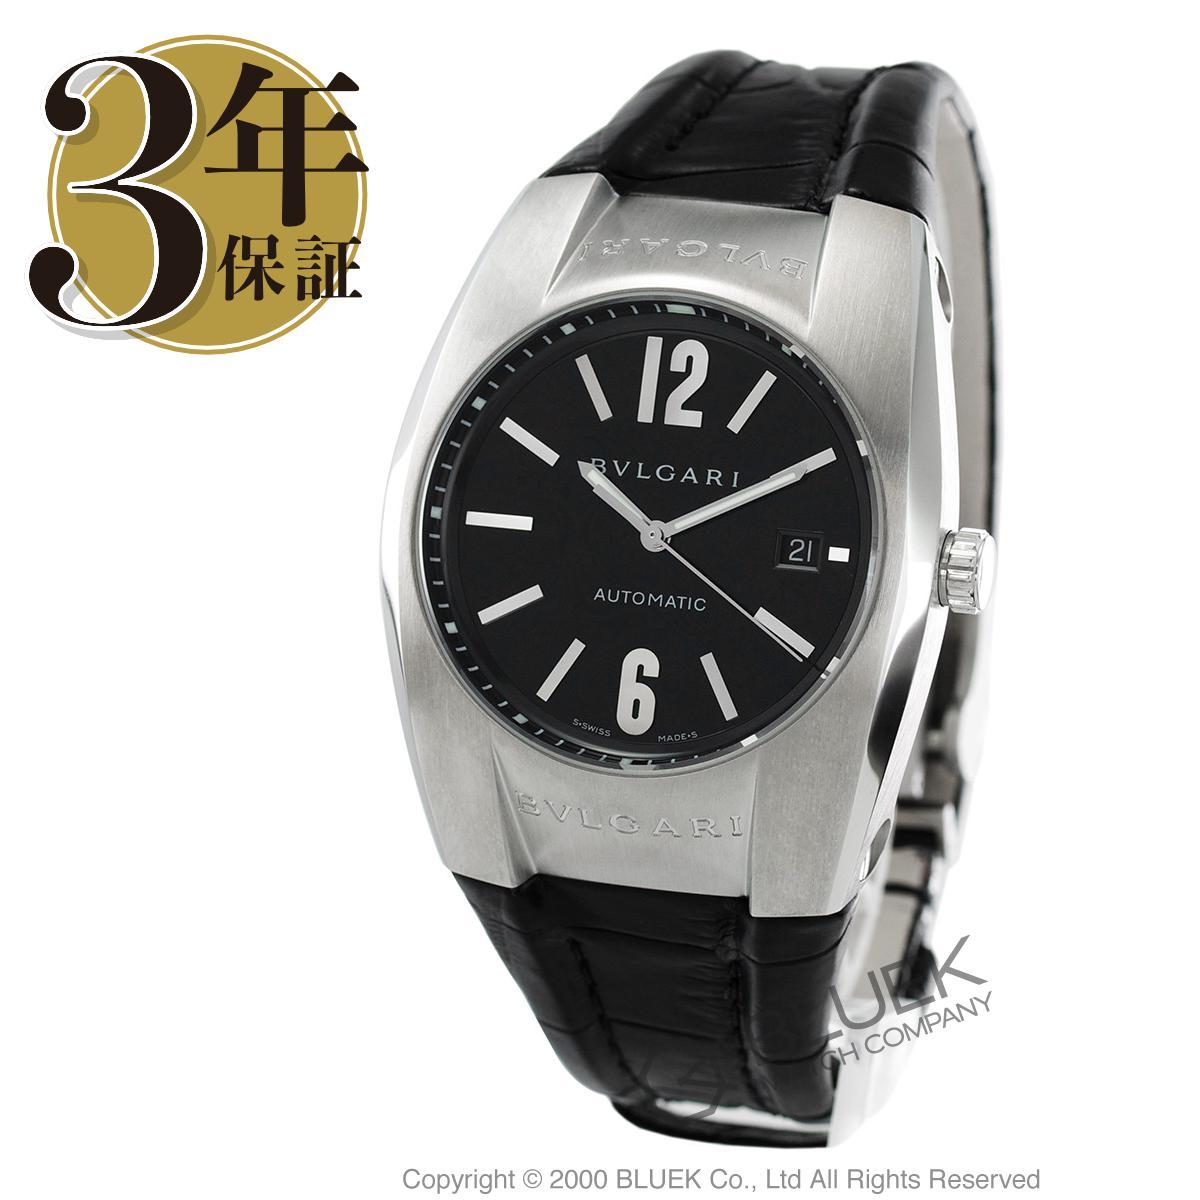 ブルガリ BVLGARI 腕時計 エルゴン アリゲーターレザー メンズ EG40BSLD_8